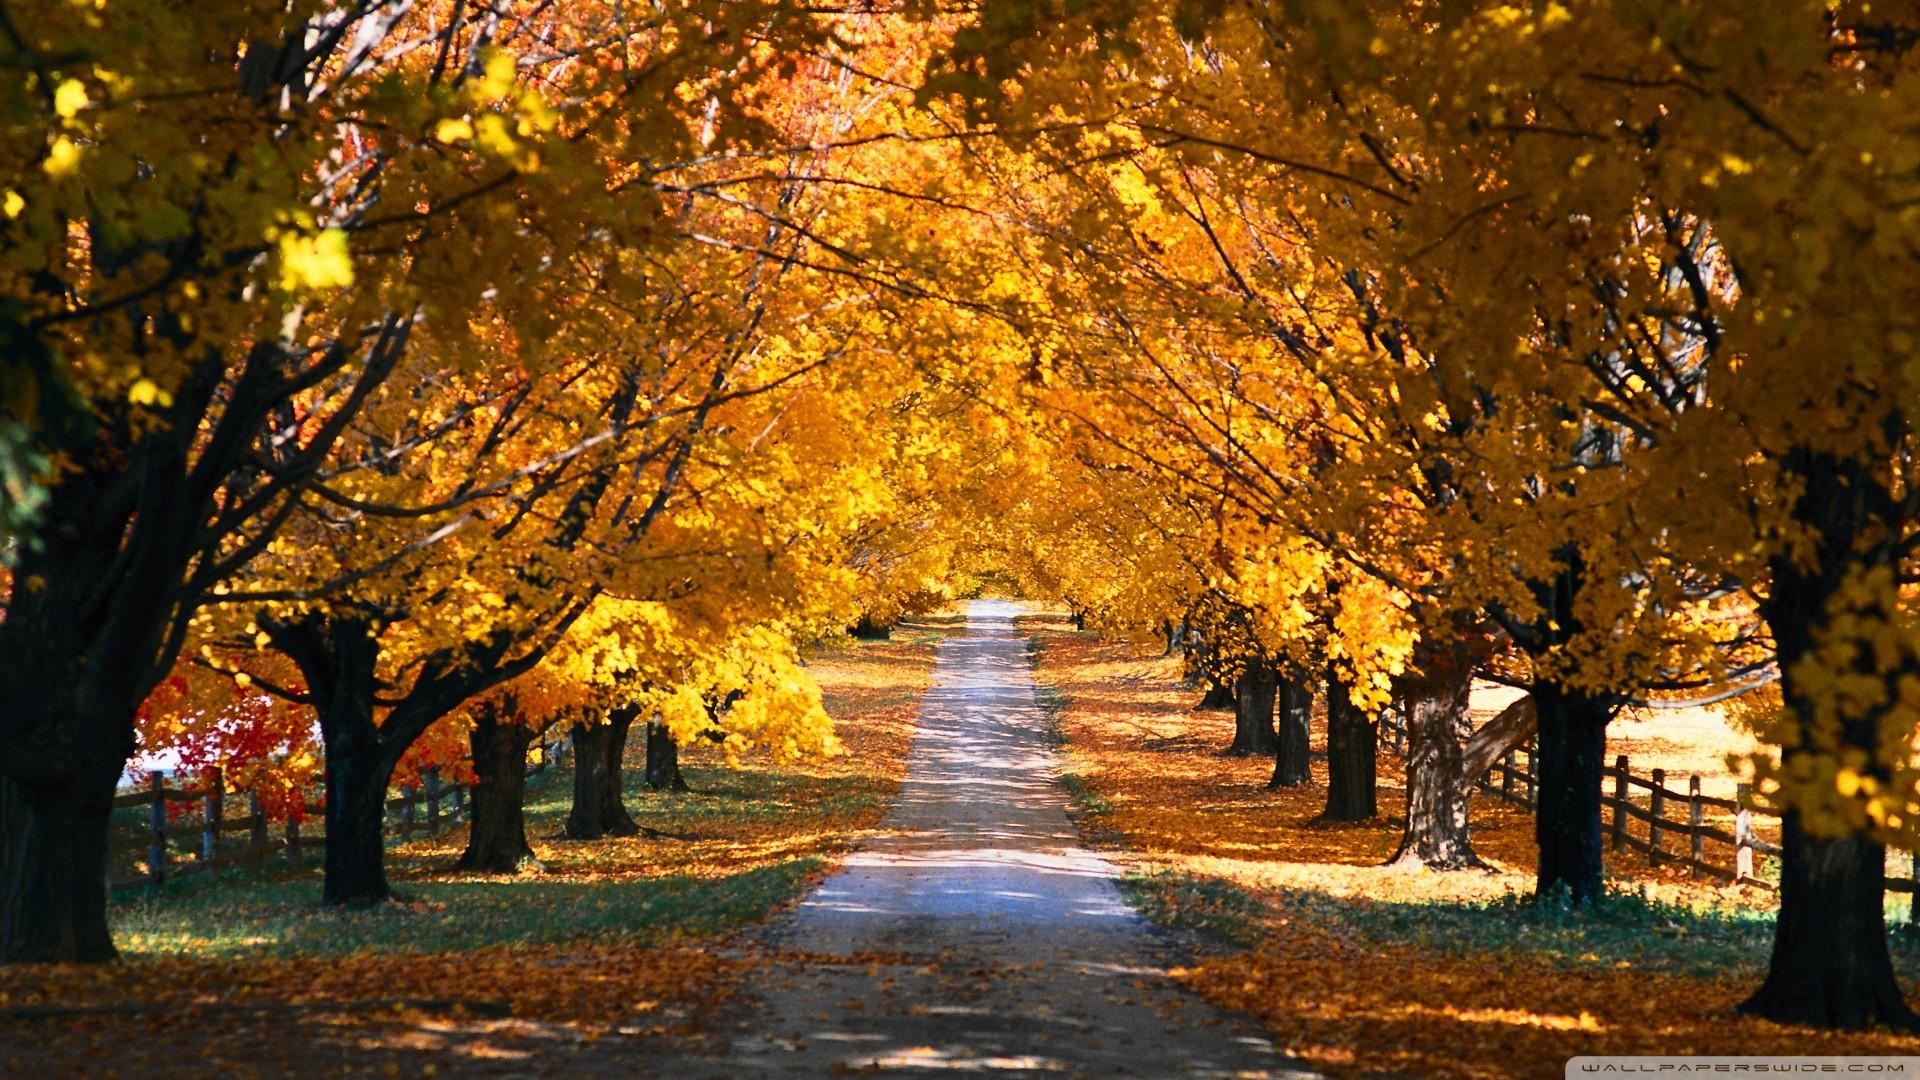 Tree Tunnel Road Autumn Wallpaper Tree, Tunnel, Road, Autumn